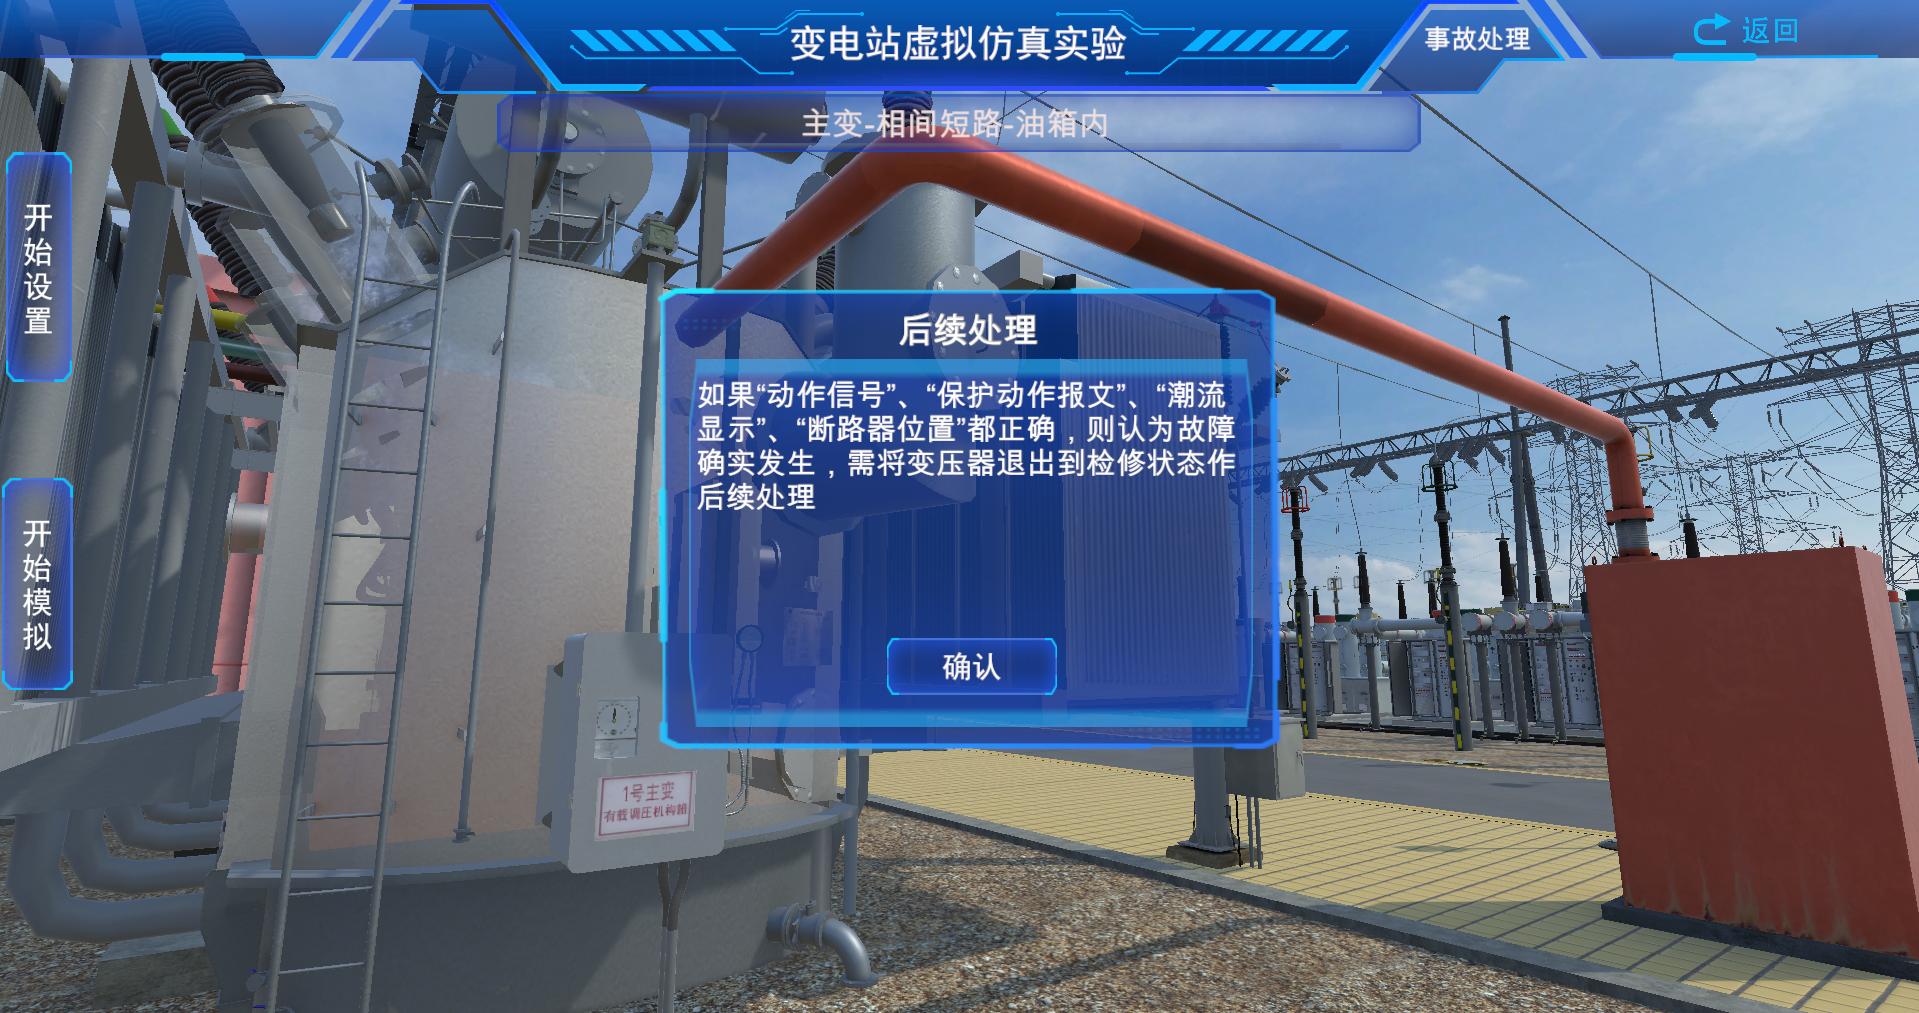 变电站虚拟仿真实训软件13.png